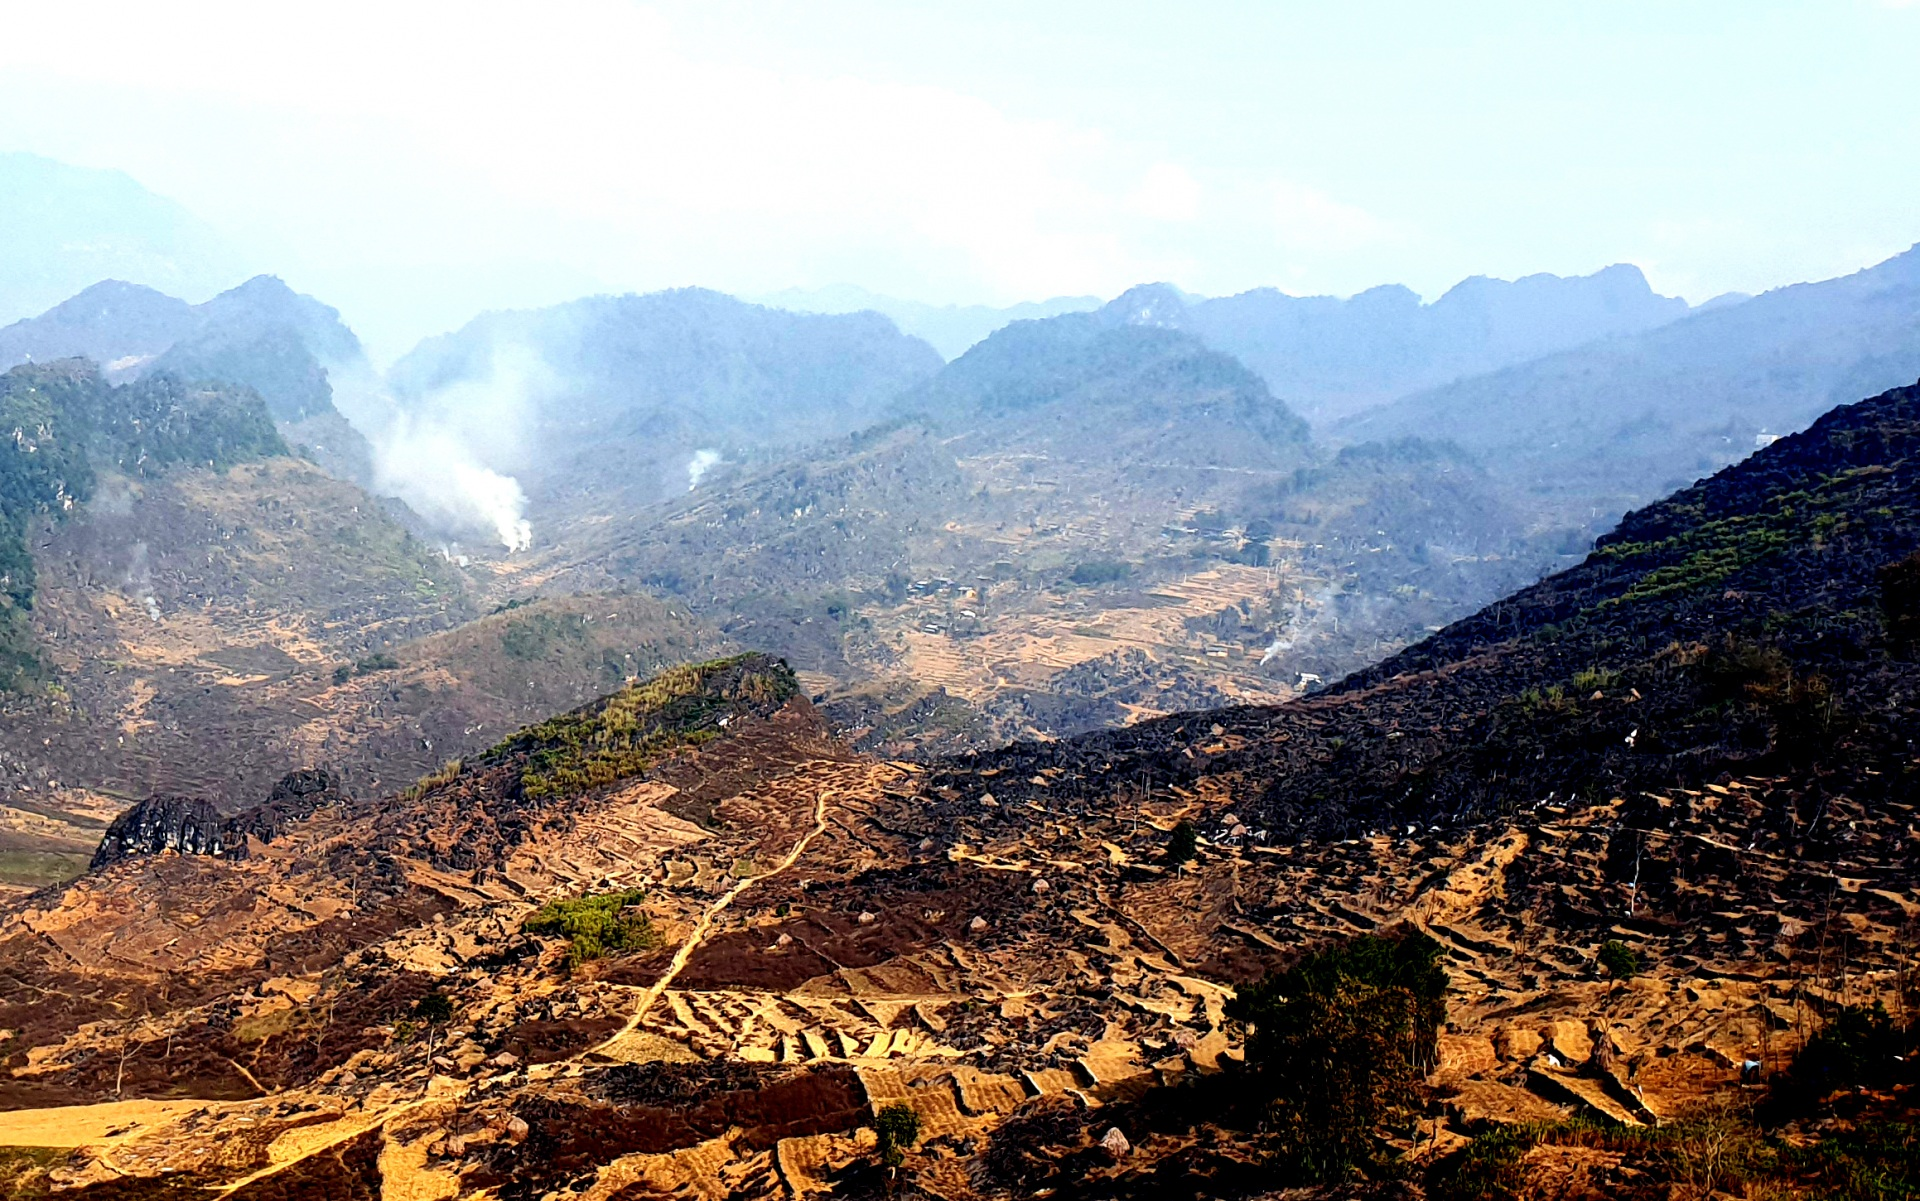 Bảo tồn và phát huy những giá trị tài nguyên thiên nhiên của các Công viên Địa chất